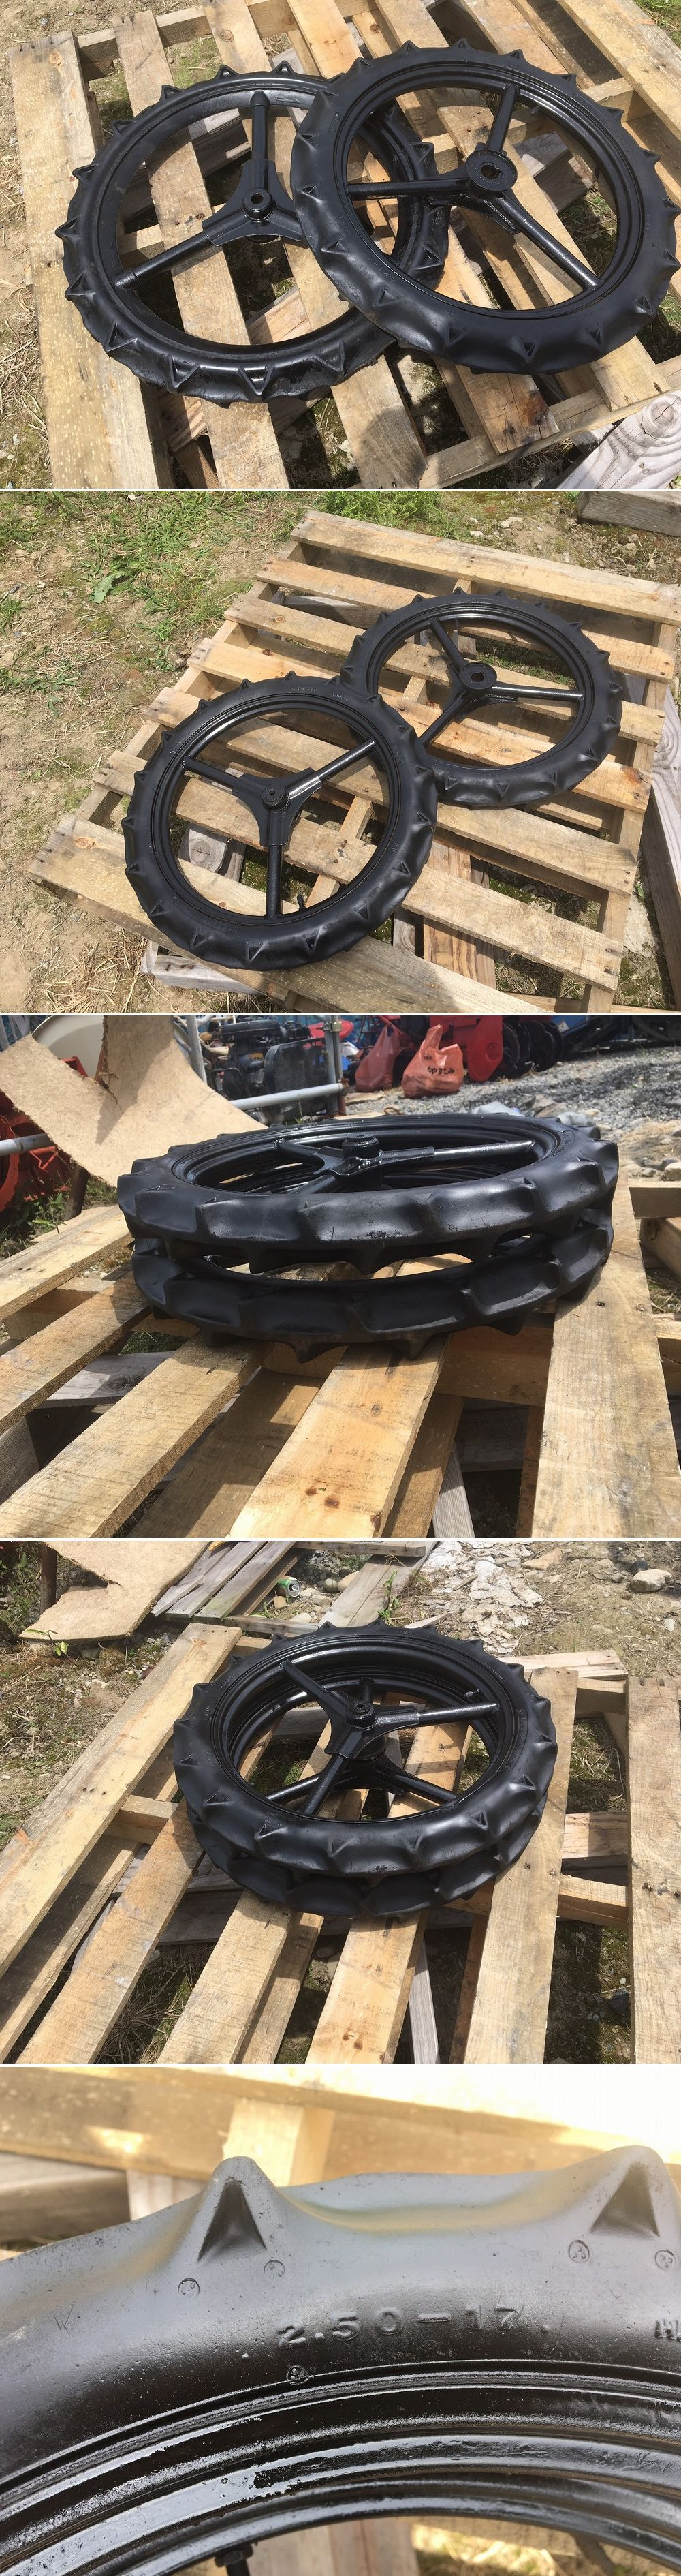 クボタ田植機 前輪 車輪 中古 2.50-17 直径60cm